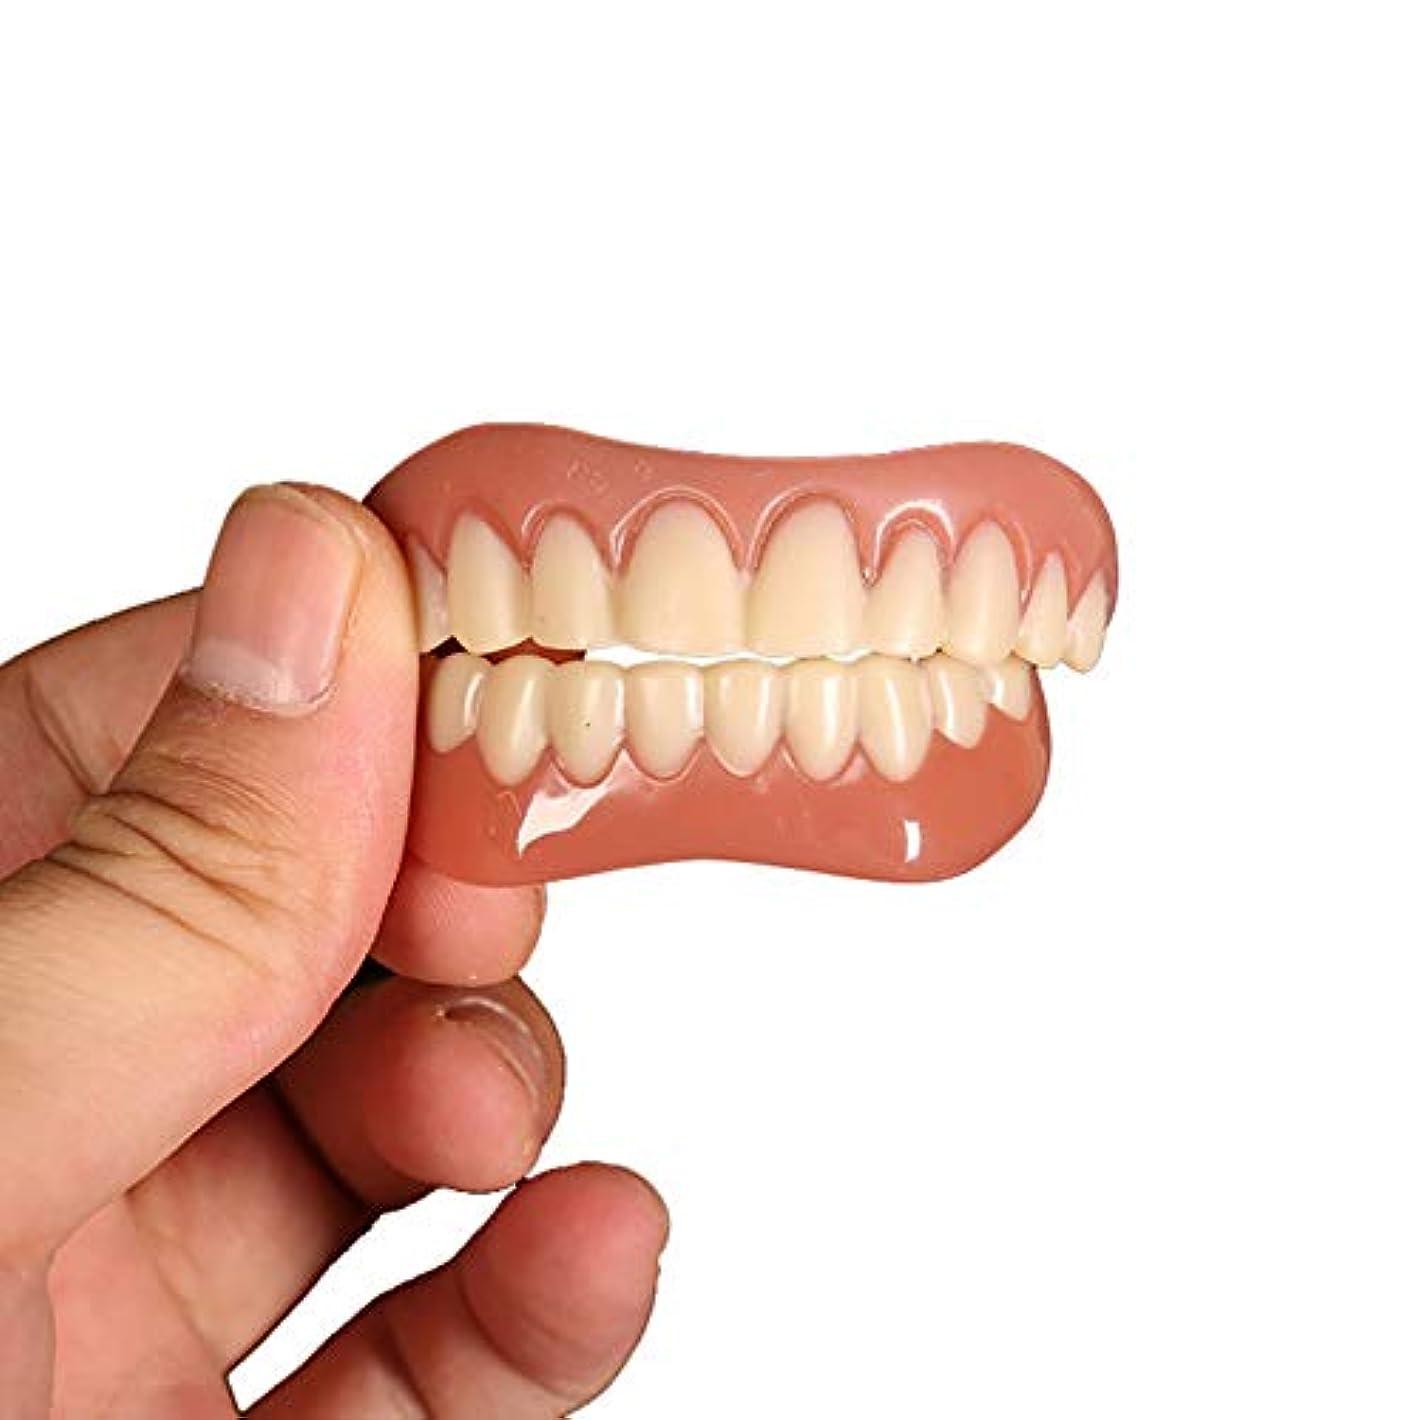 肘掛け椅子浴室形状2対歯科用ベニア快適なフィット歯のトップとボトム化粧品のベニヤワンサイズフィットすべての義歯接着剤歯偽義歯歯笑顔